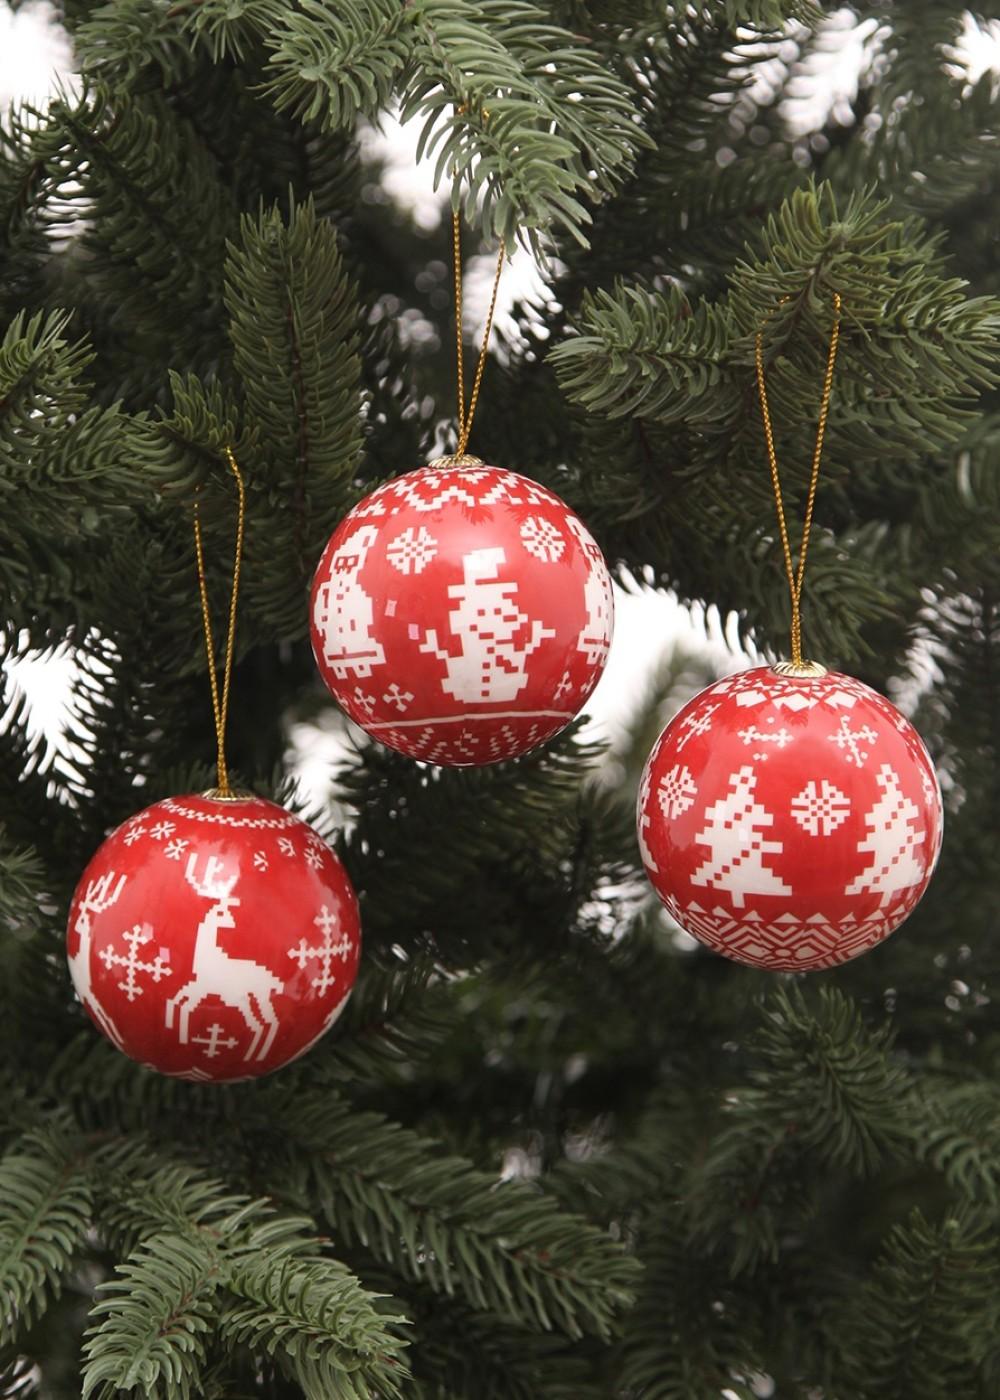 Karácsonyfadísz-Piros-fehér klasszikus mintás karácsonyi gömbök